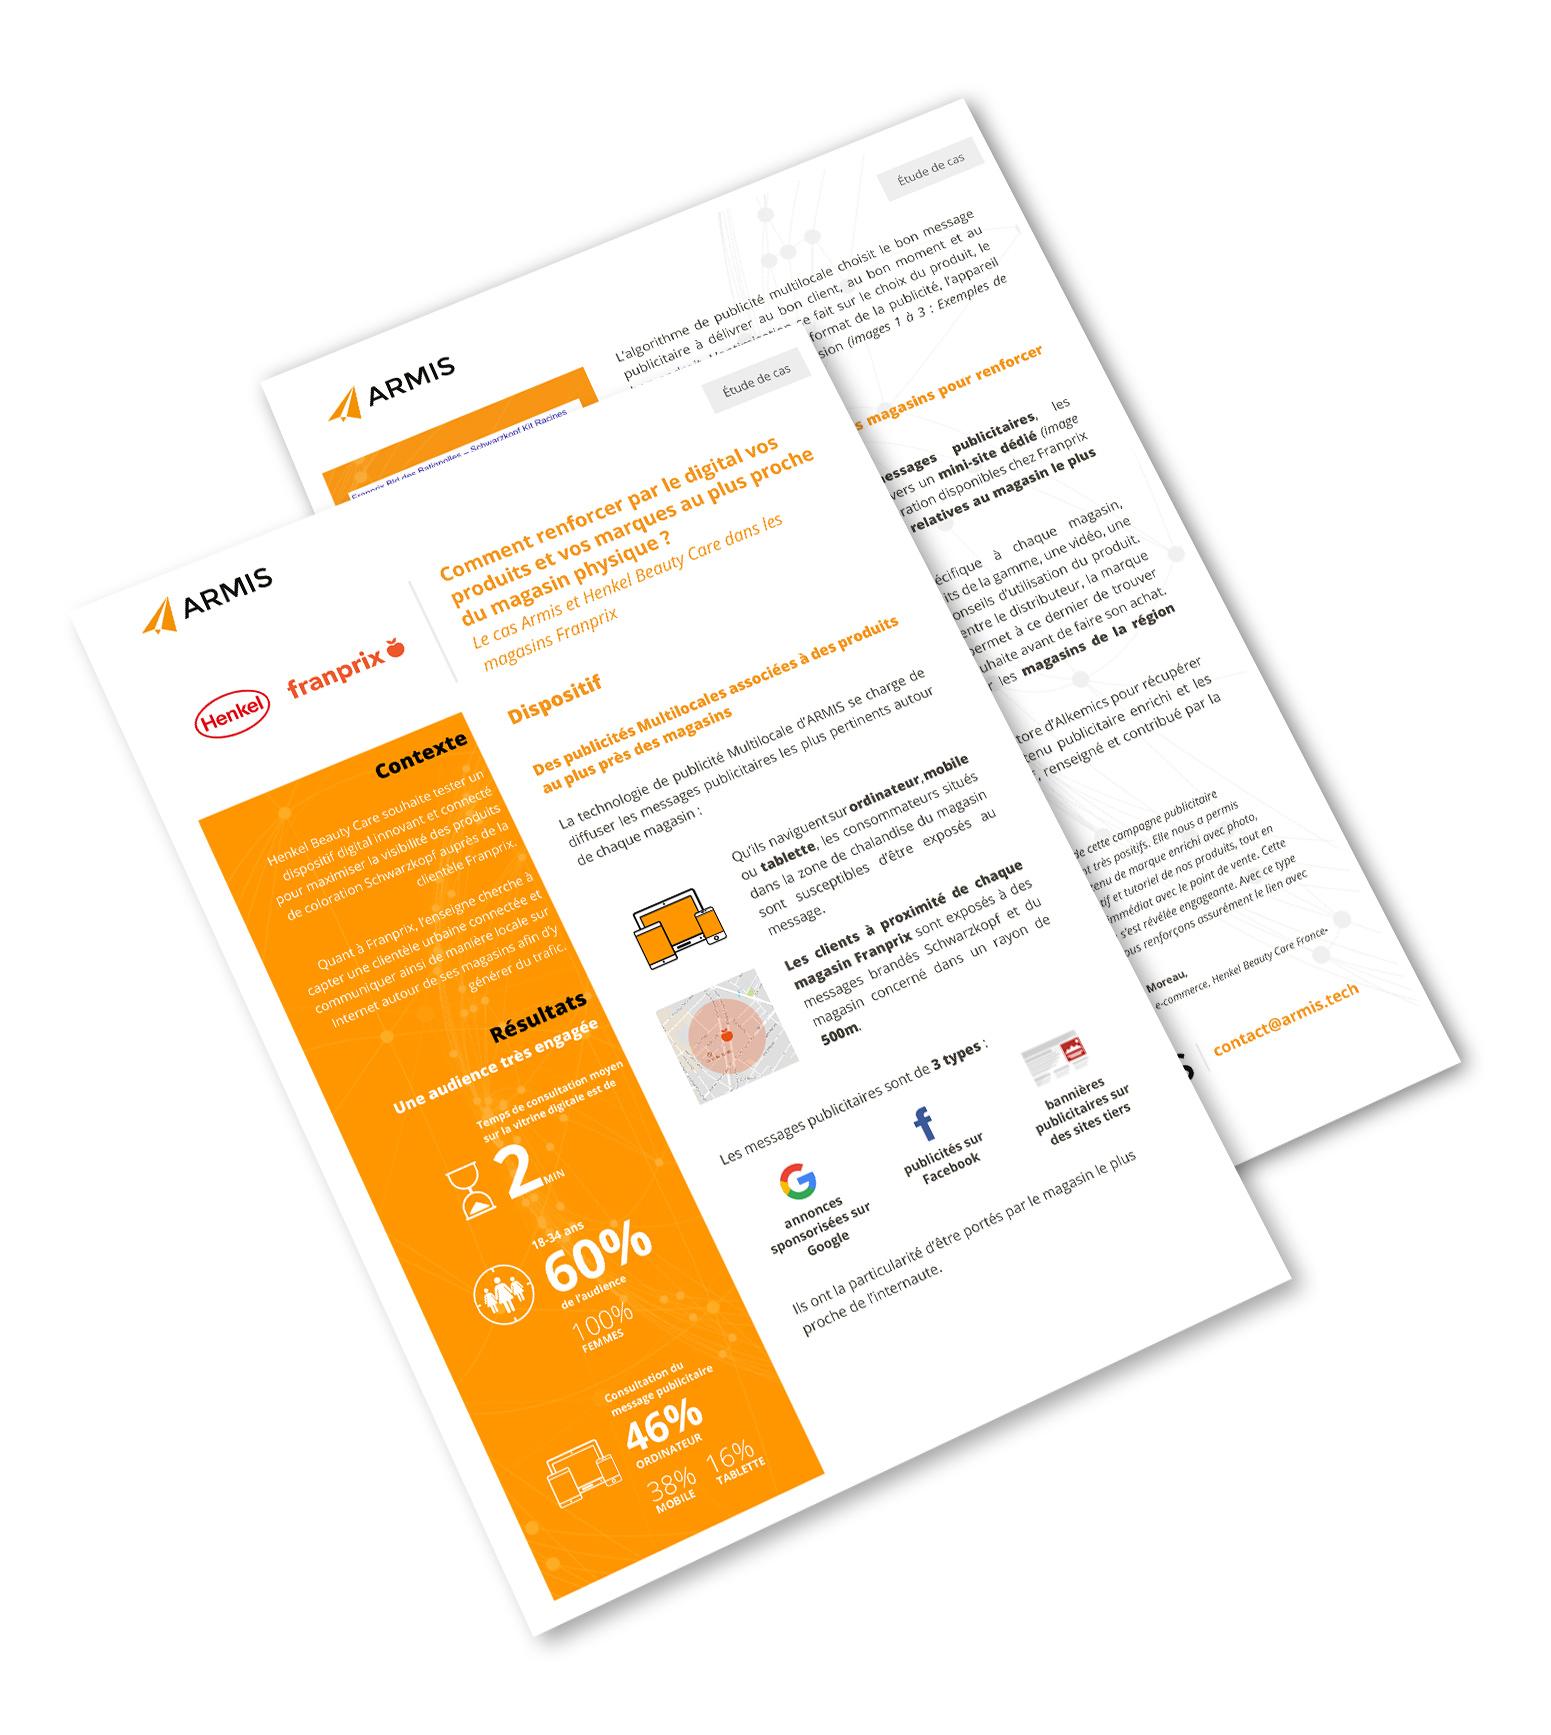 Comment renforcer par le digital vos produits et vos marques au plus proche du magasin physique ?